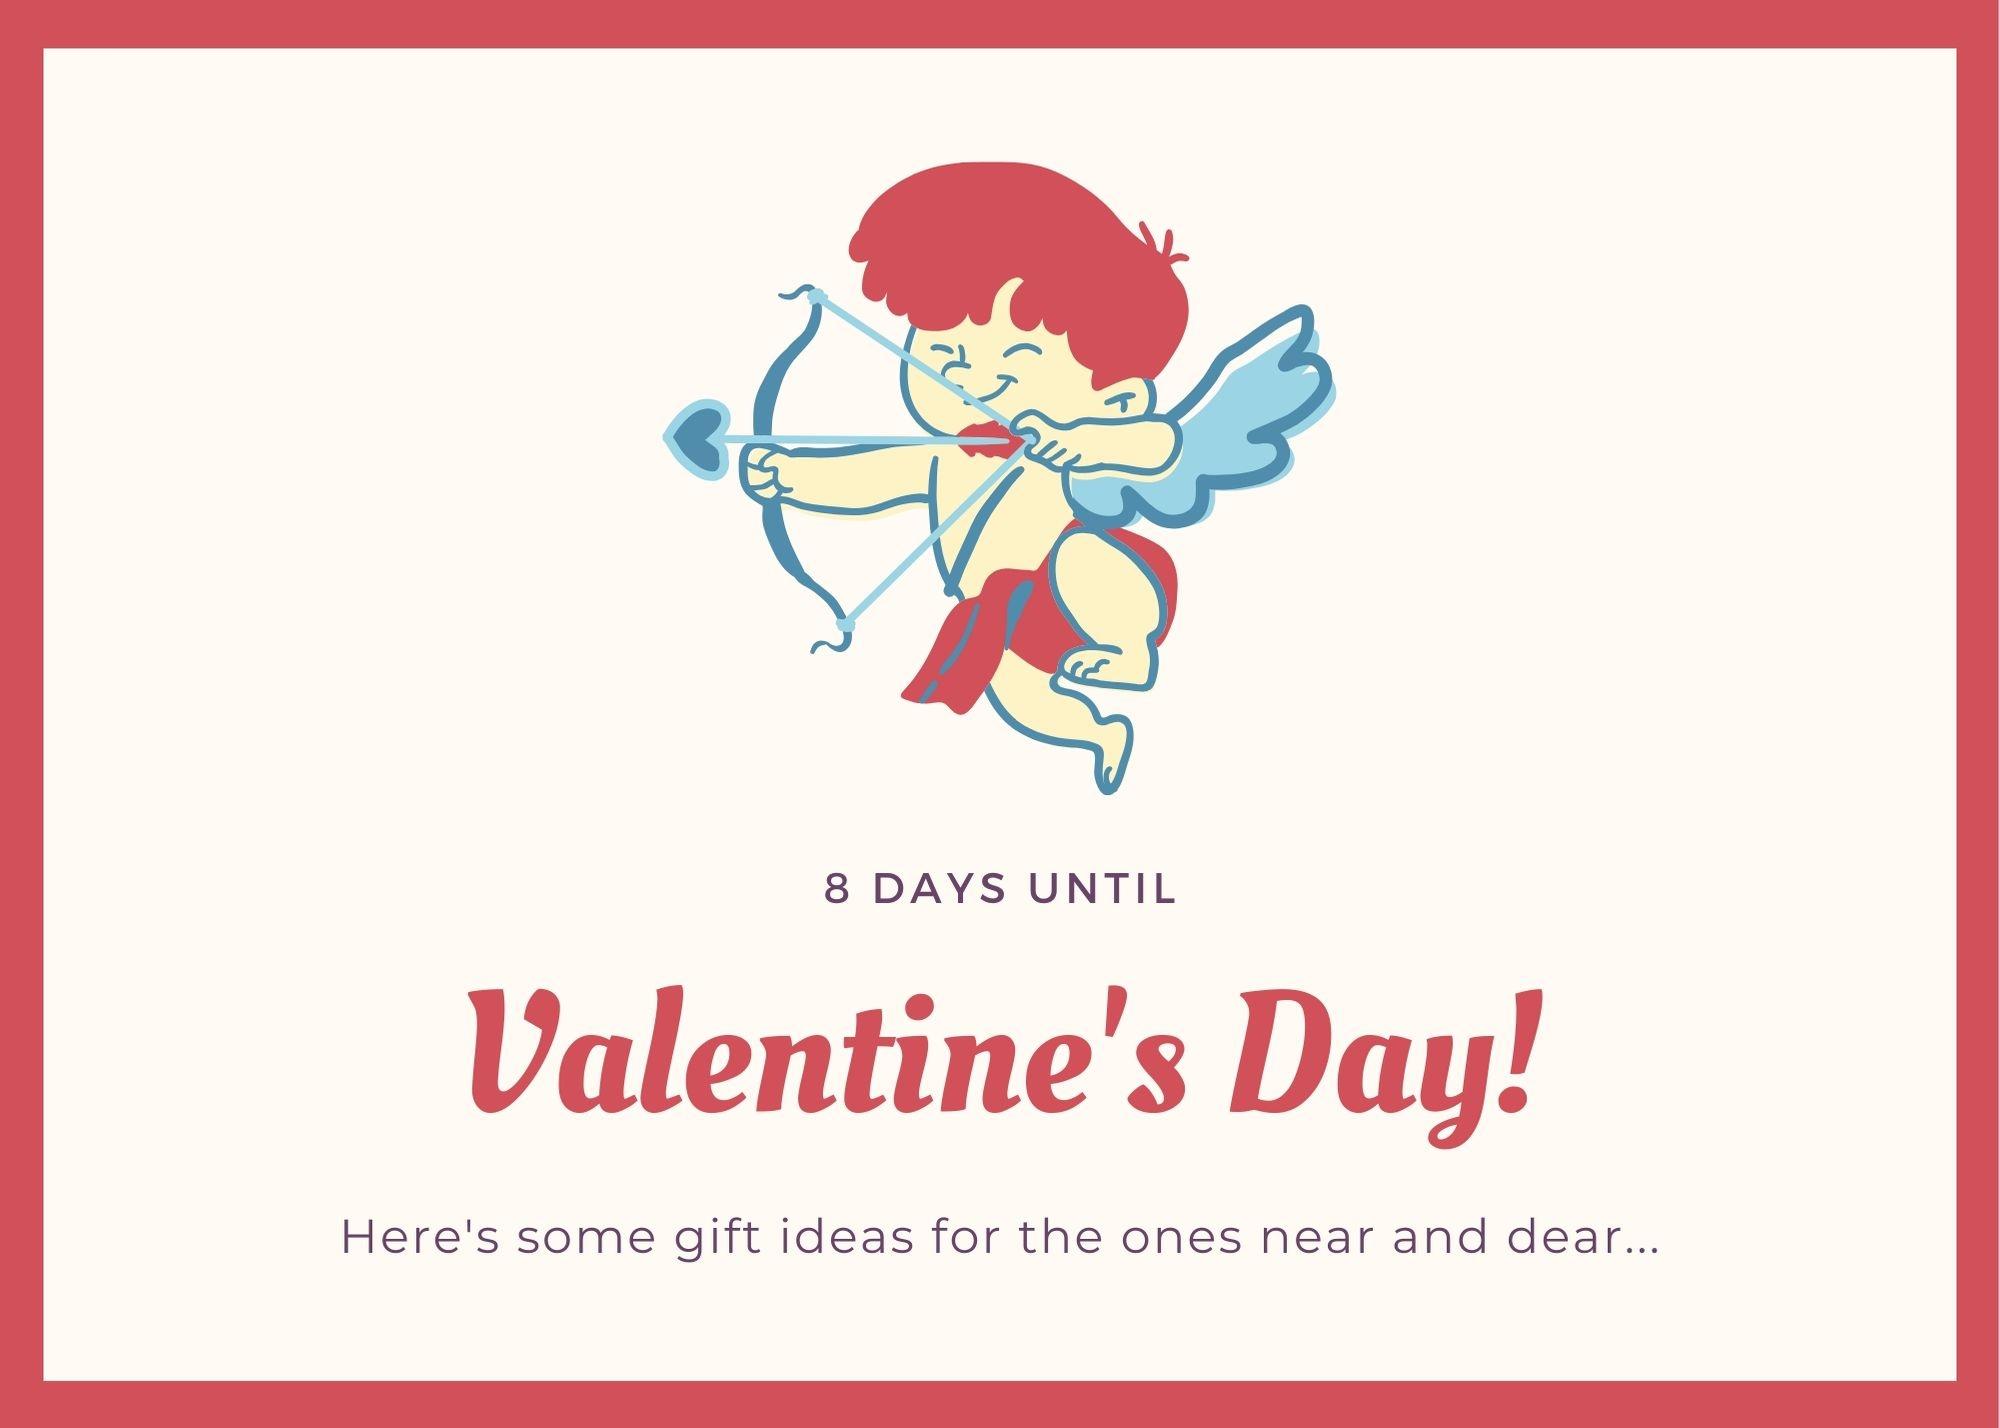 Shredz Valentine's Day Deals